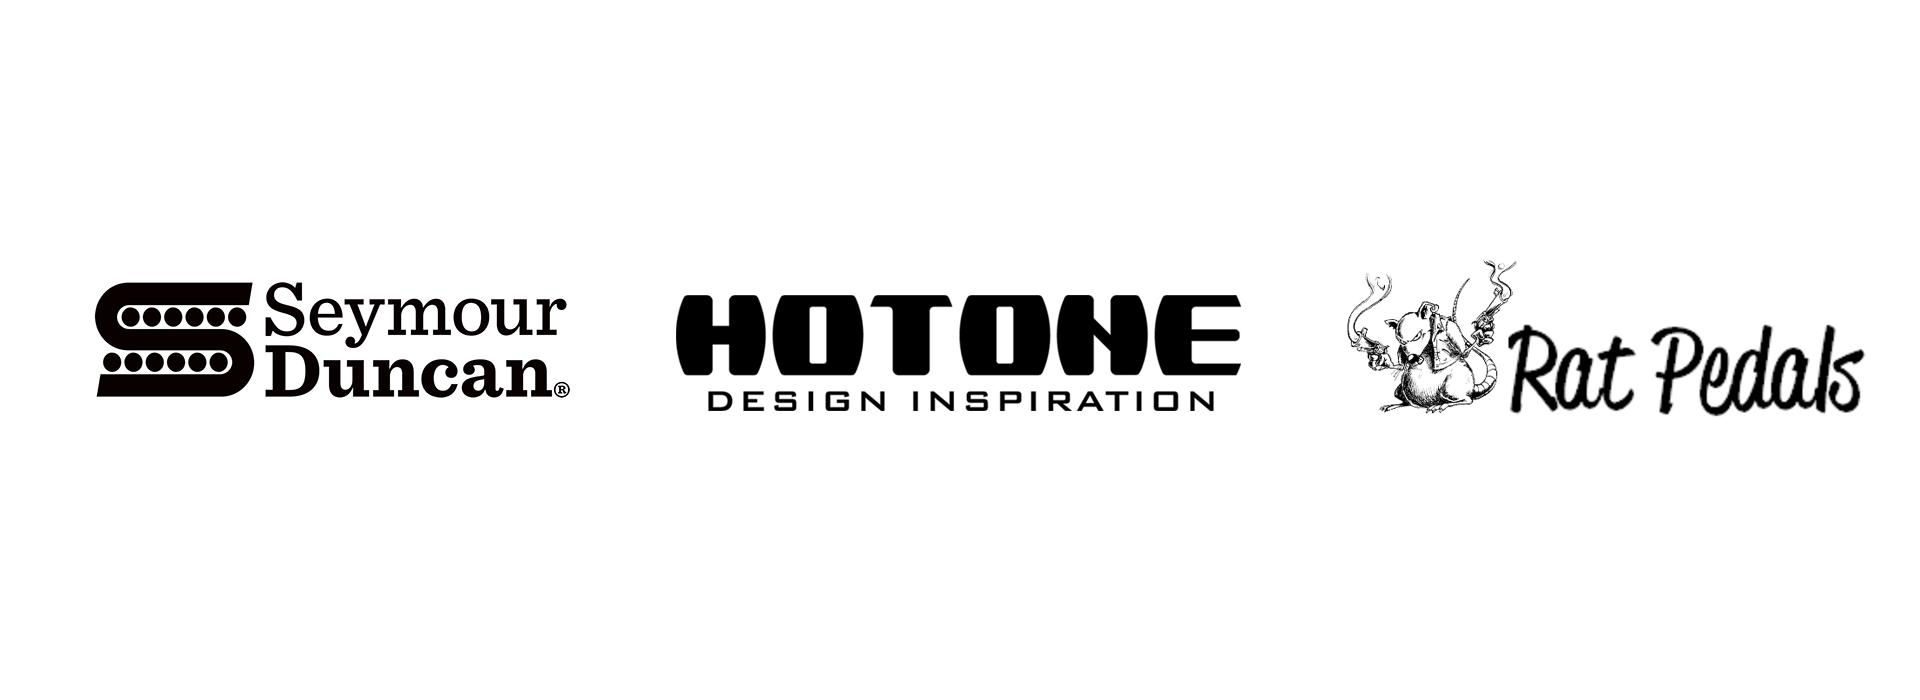 seymour-hotone-ratpedals